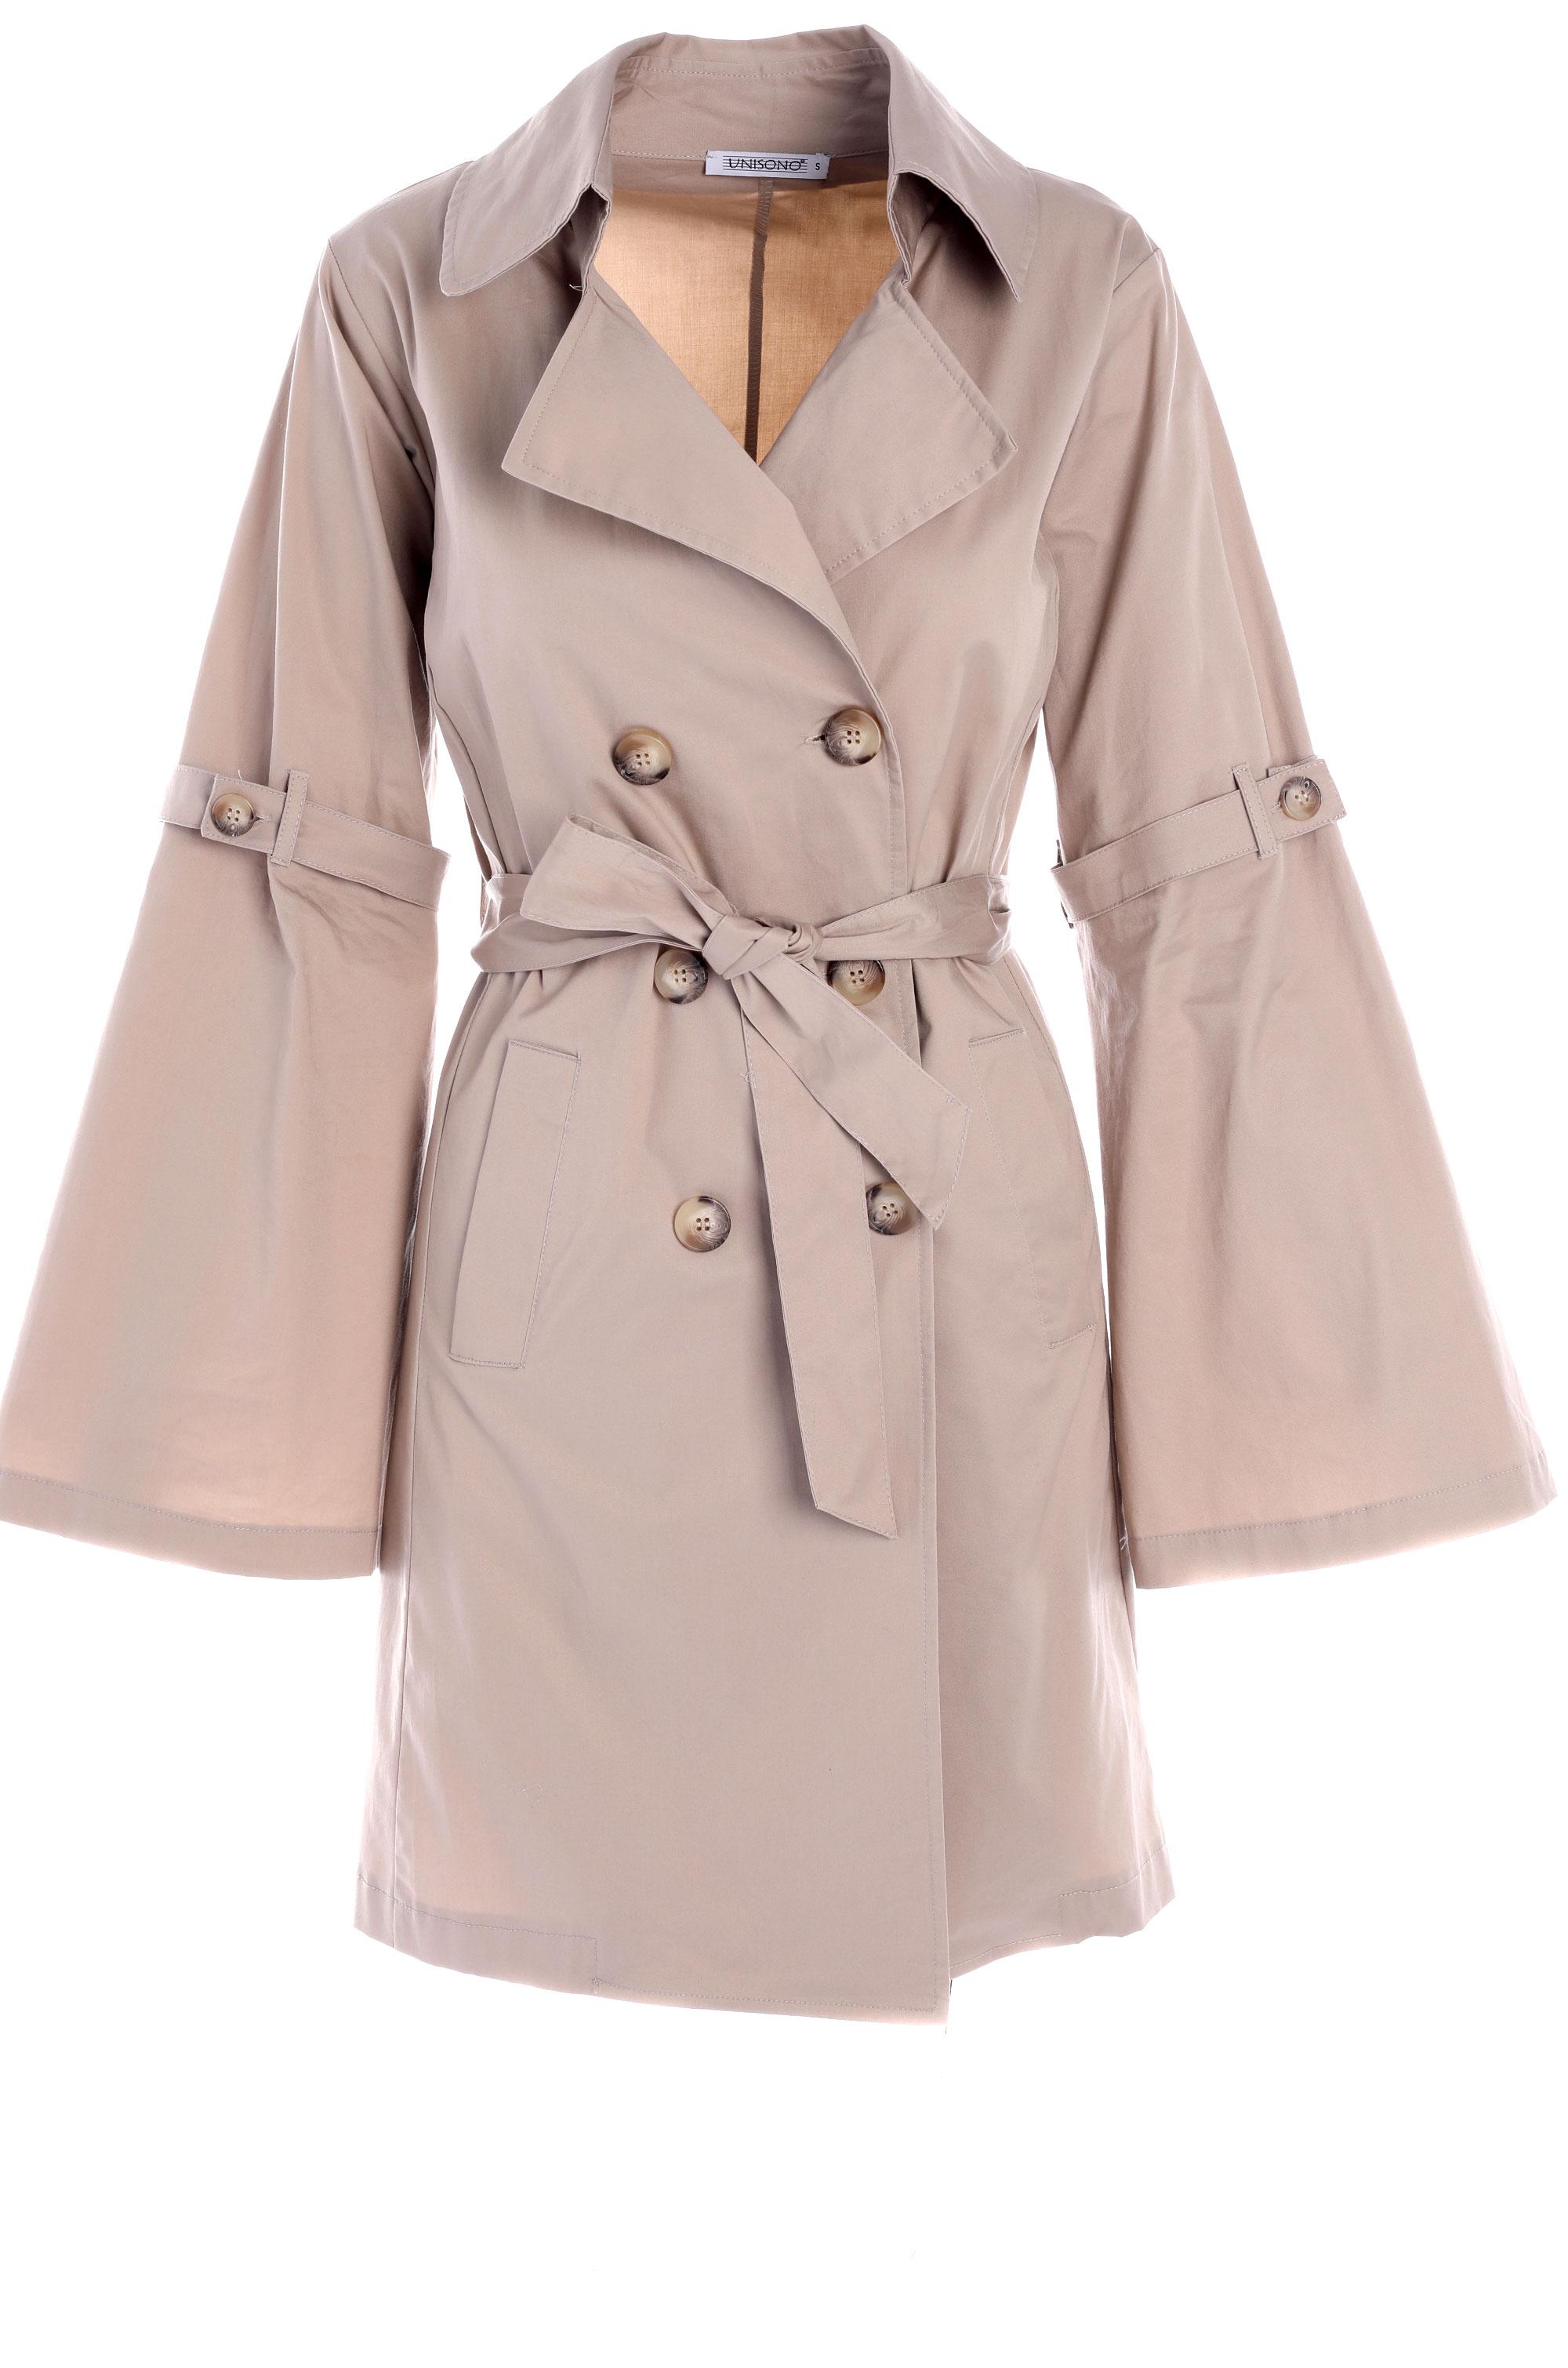 Płaszcz materiałowy - 152-GB715 BEI - Unisono